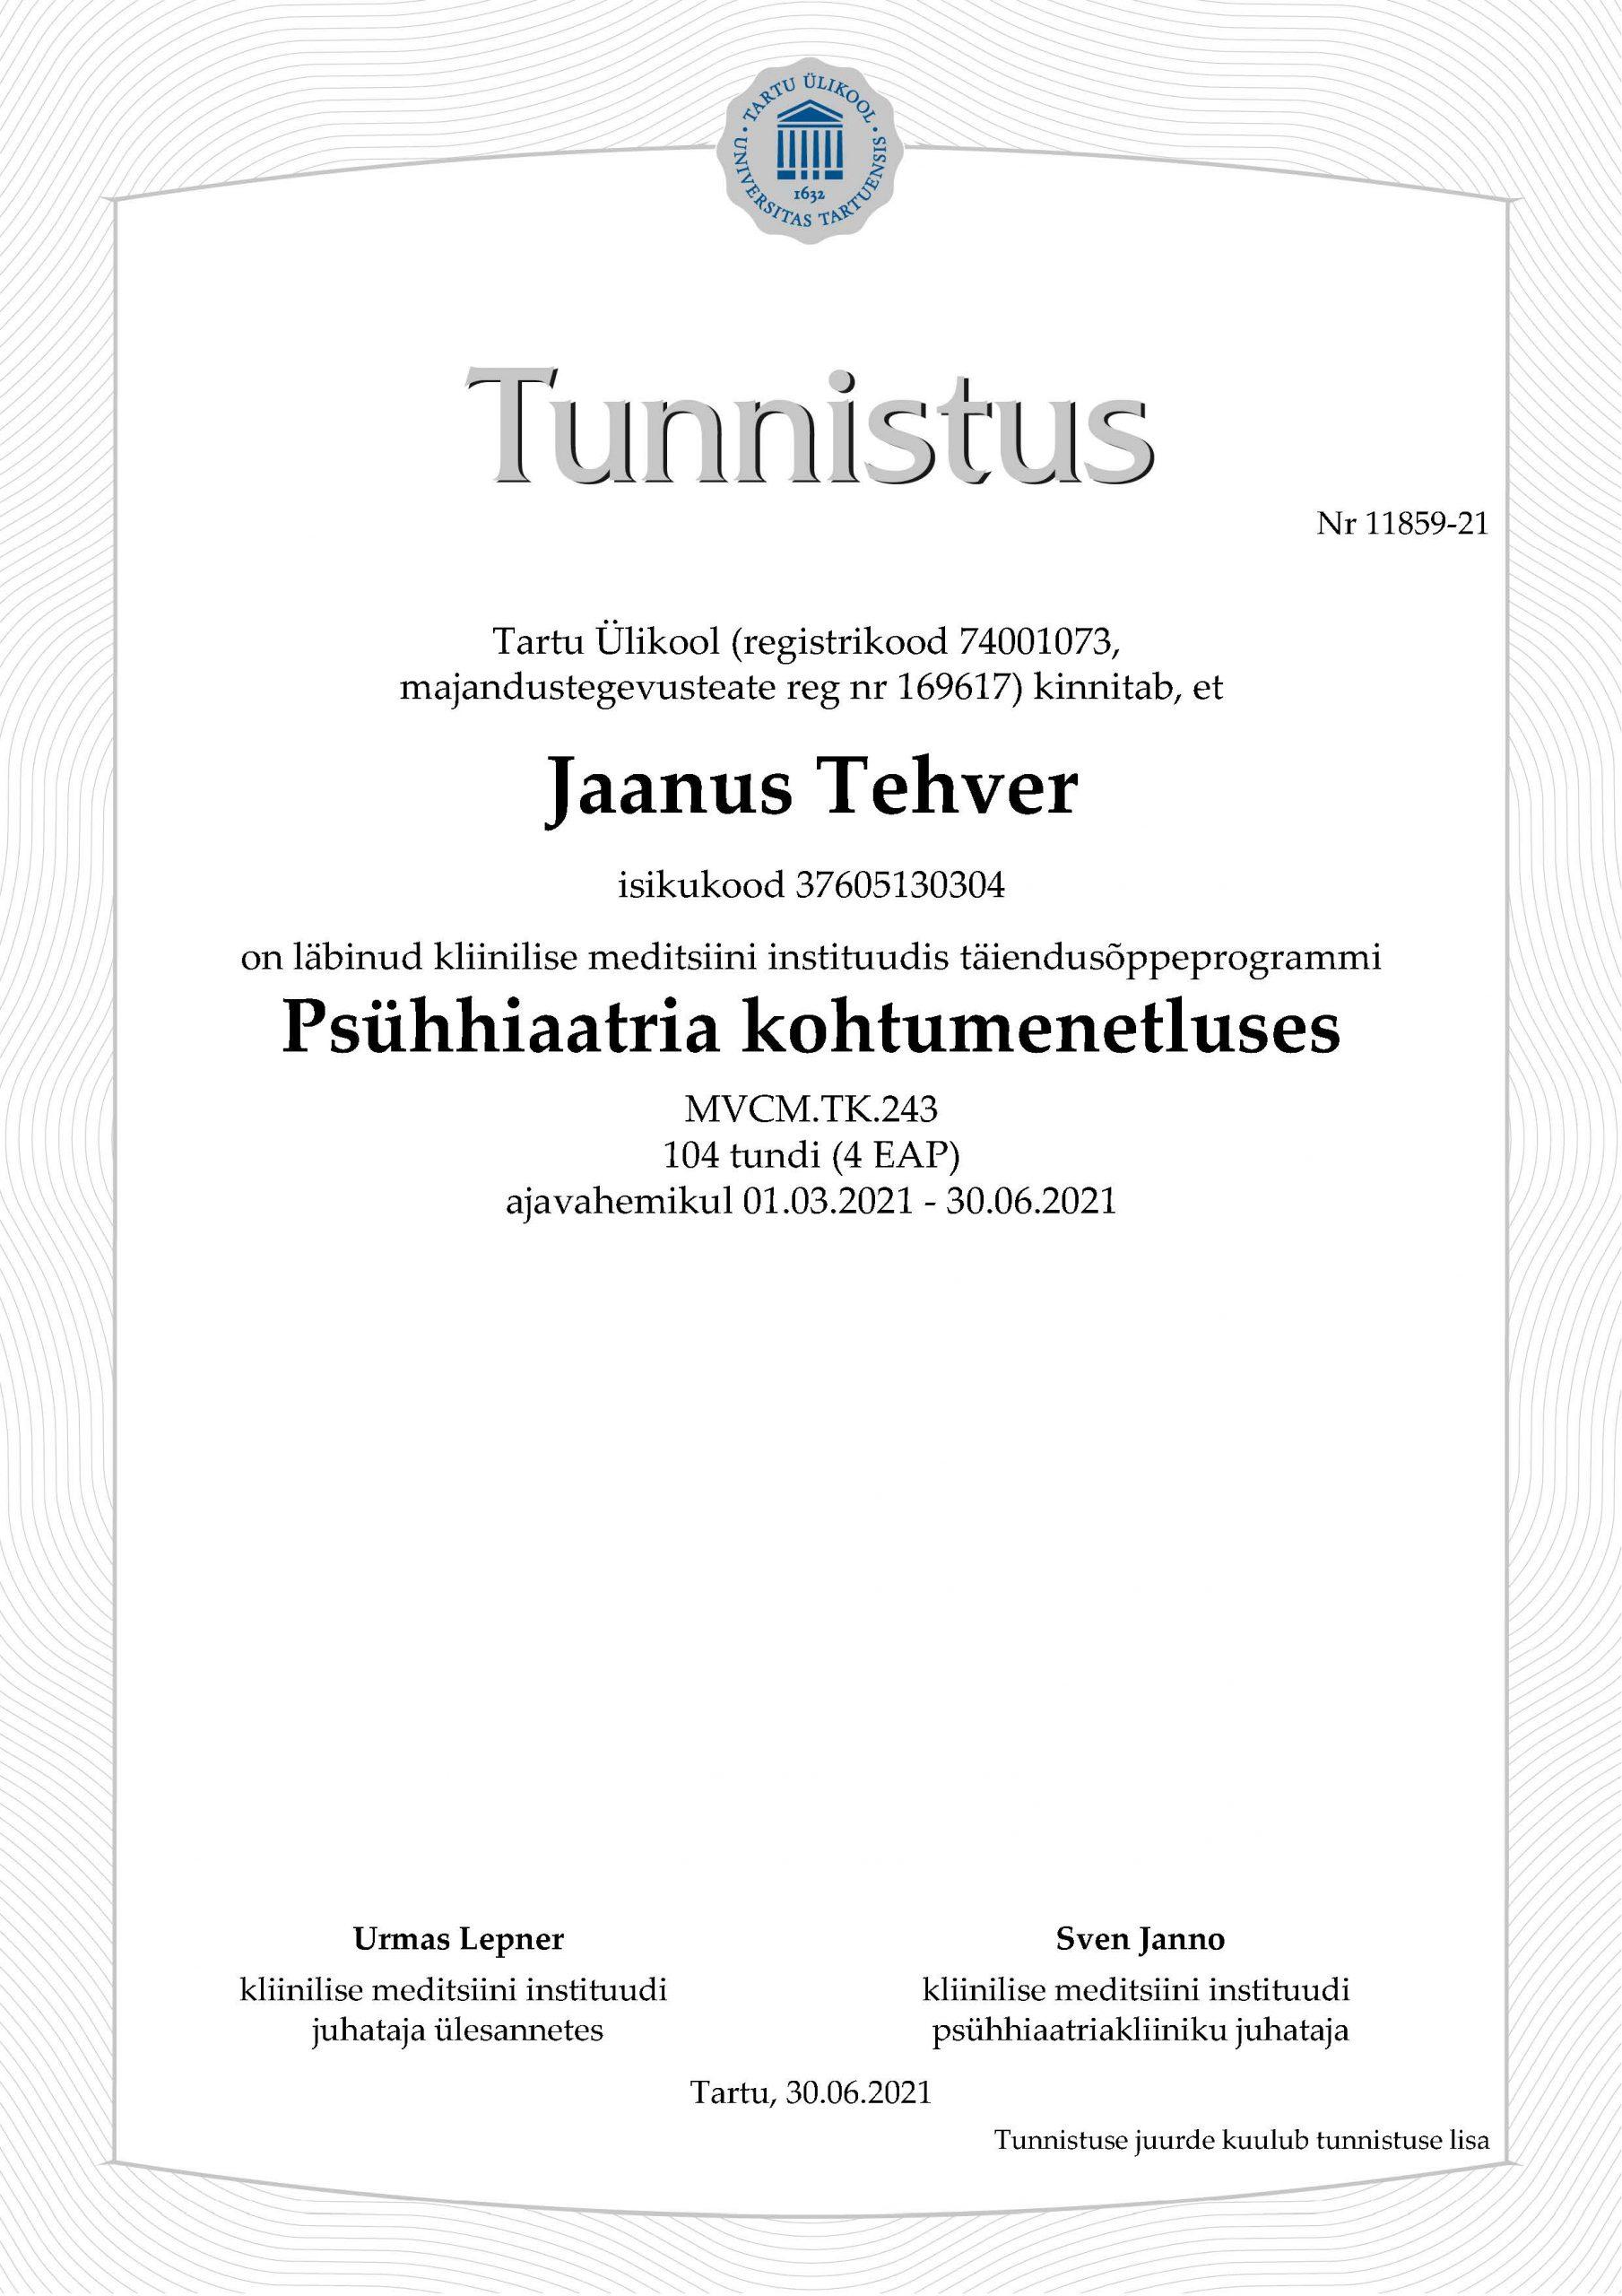 Jaanus_Tehver_tunnistus